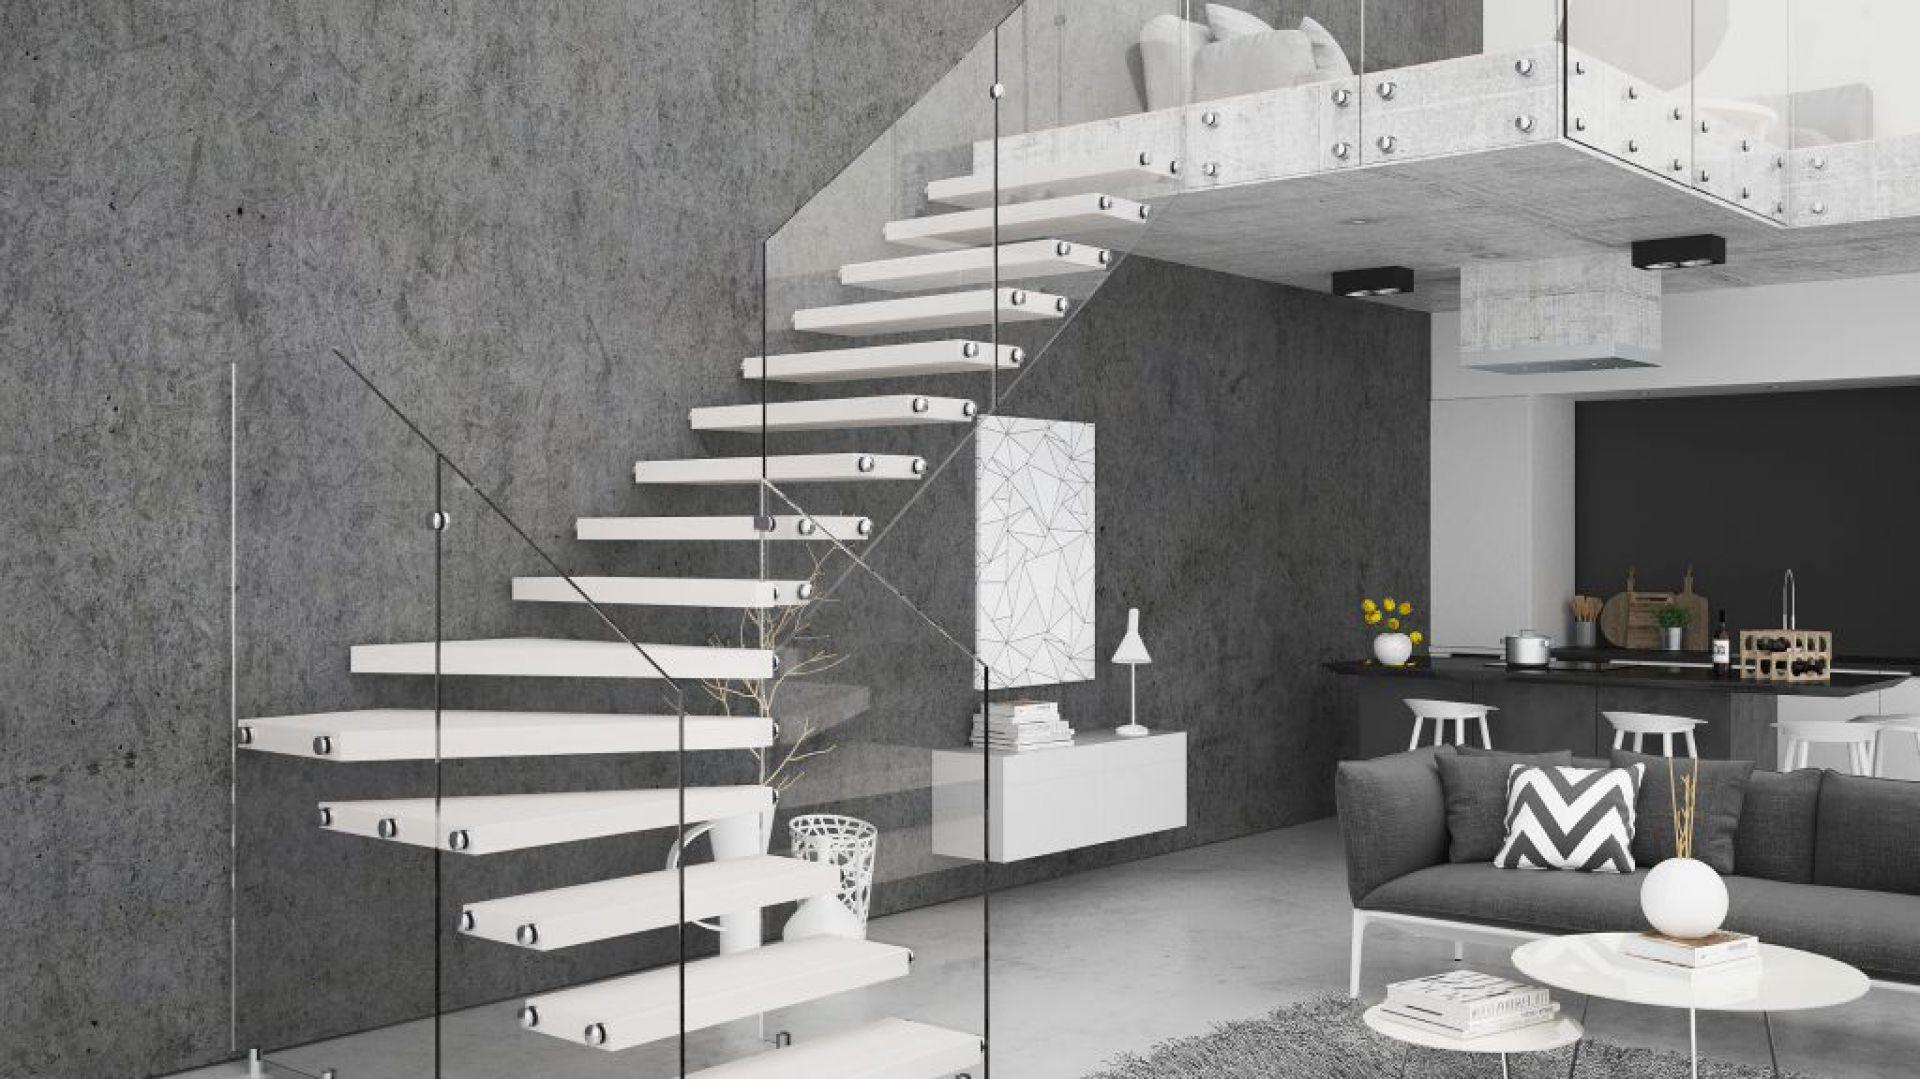 Schody Aira ze stopniami z mozaiki bukowej w kolorze białym oraz szklaną balustradą. Fot. Rintal Polska